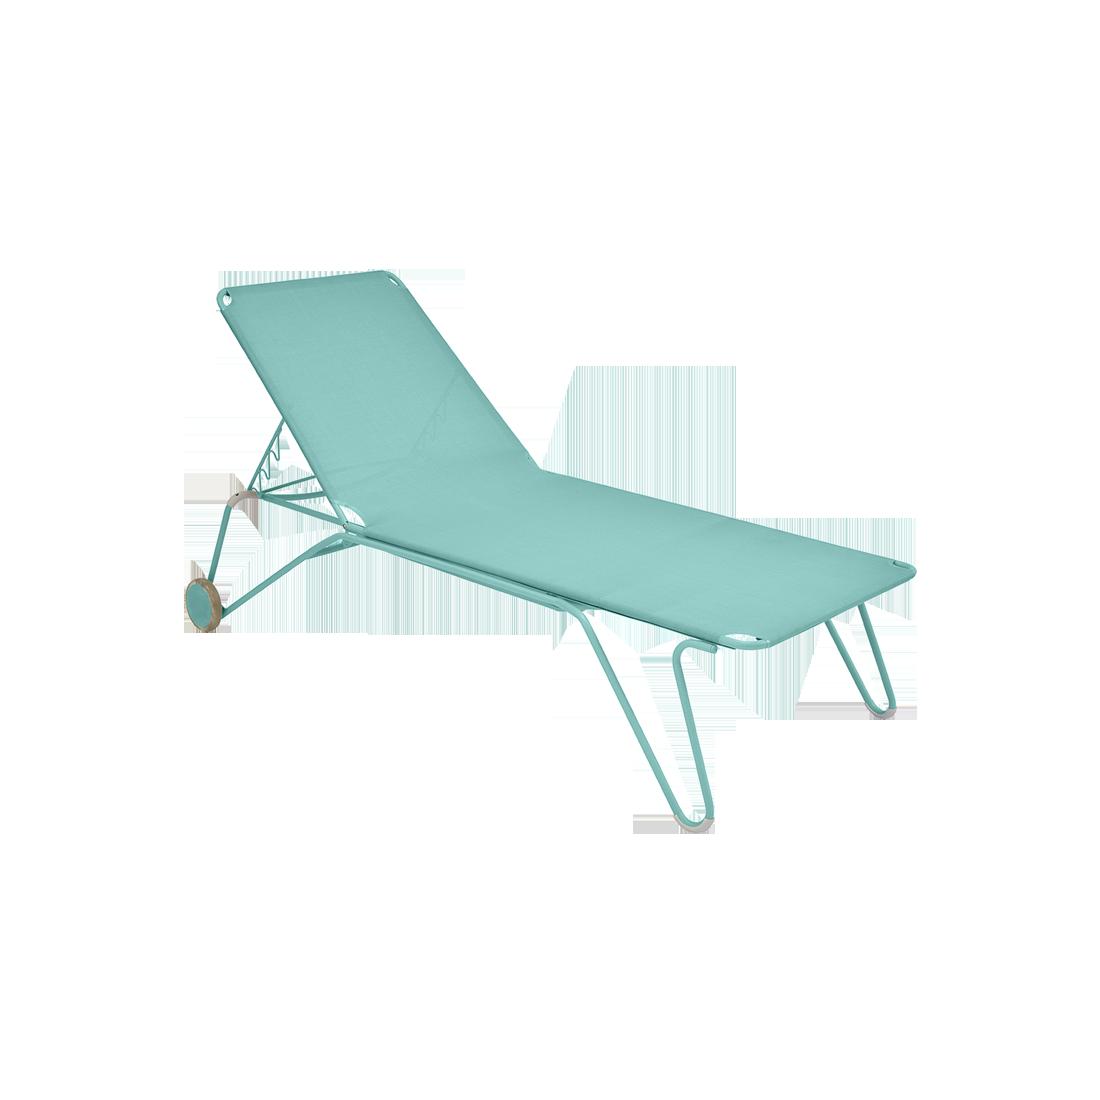 bain de soleil fermob, chaise longue fermob, bain de soleil en toile, chaise longue bleu